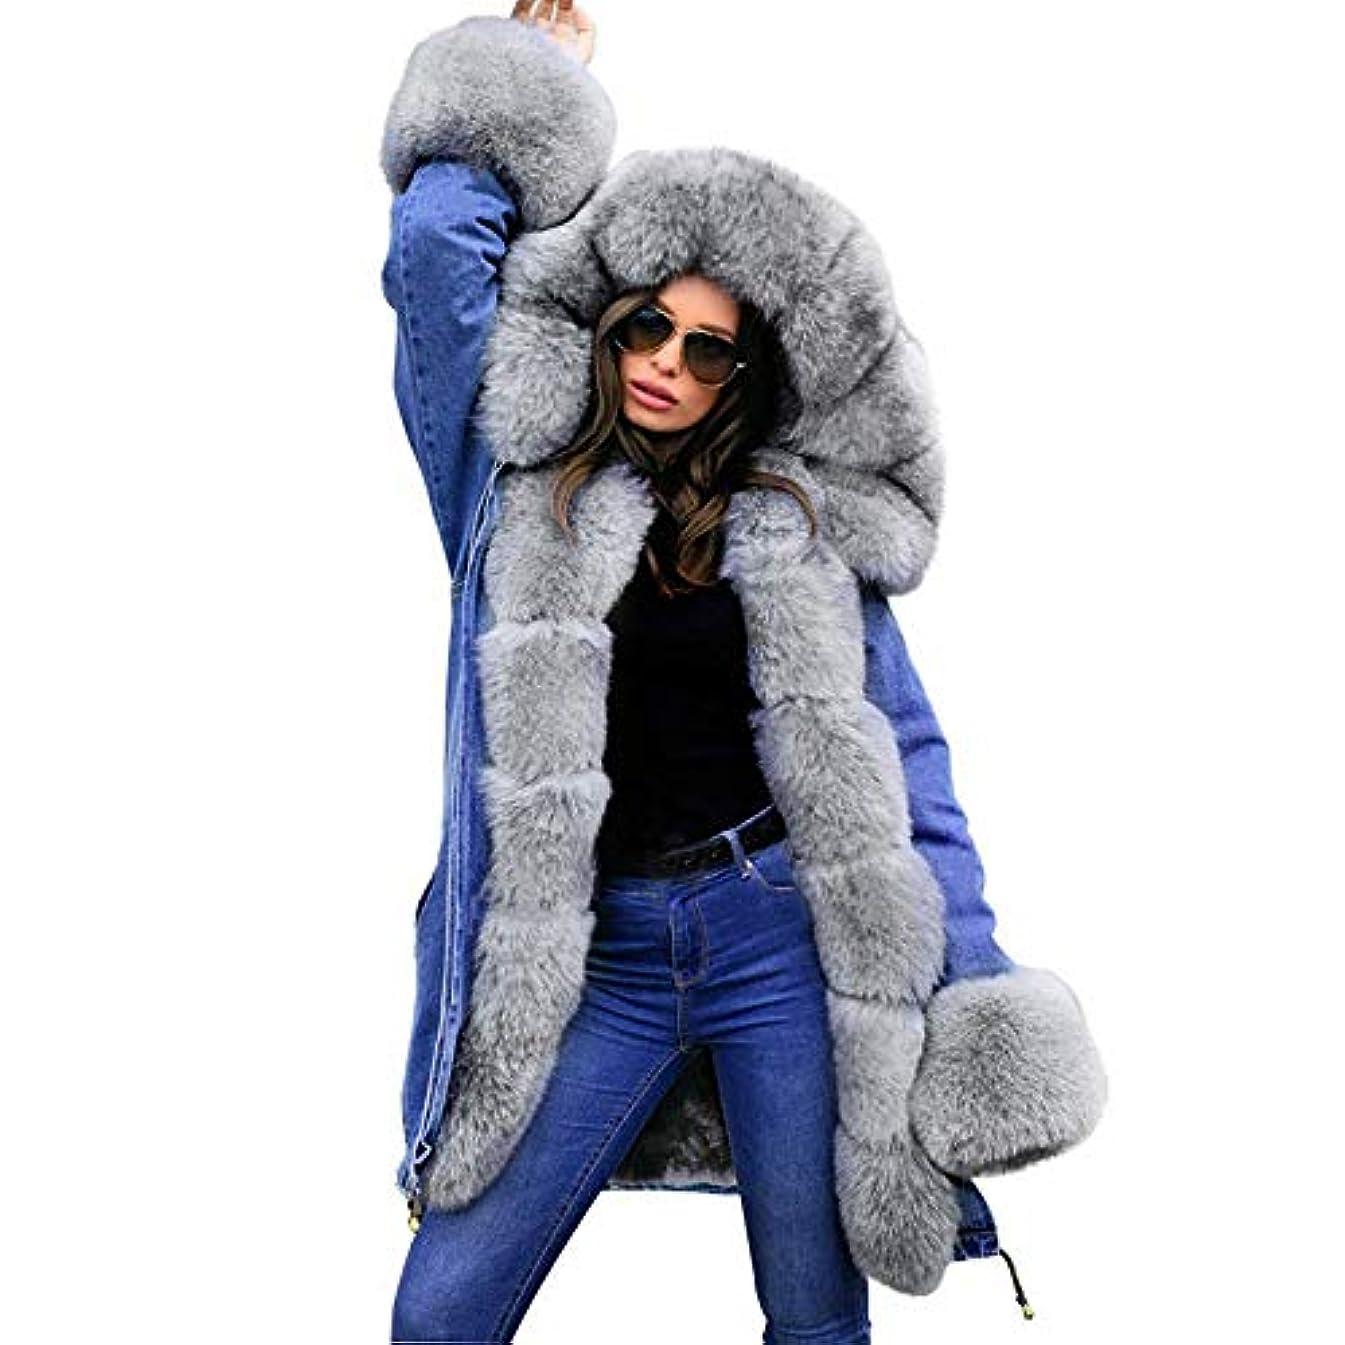 消費者認証シャーク冬の女性のフード付きコートの毛皮の襟暖かいロングコートの女性の冬のジャケット女性のアウター,S